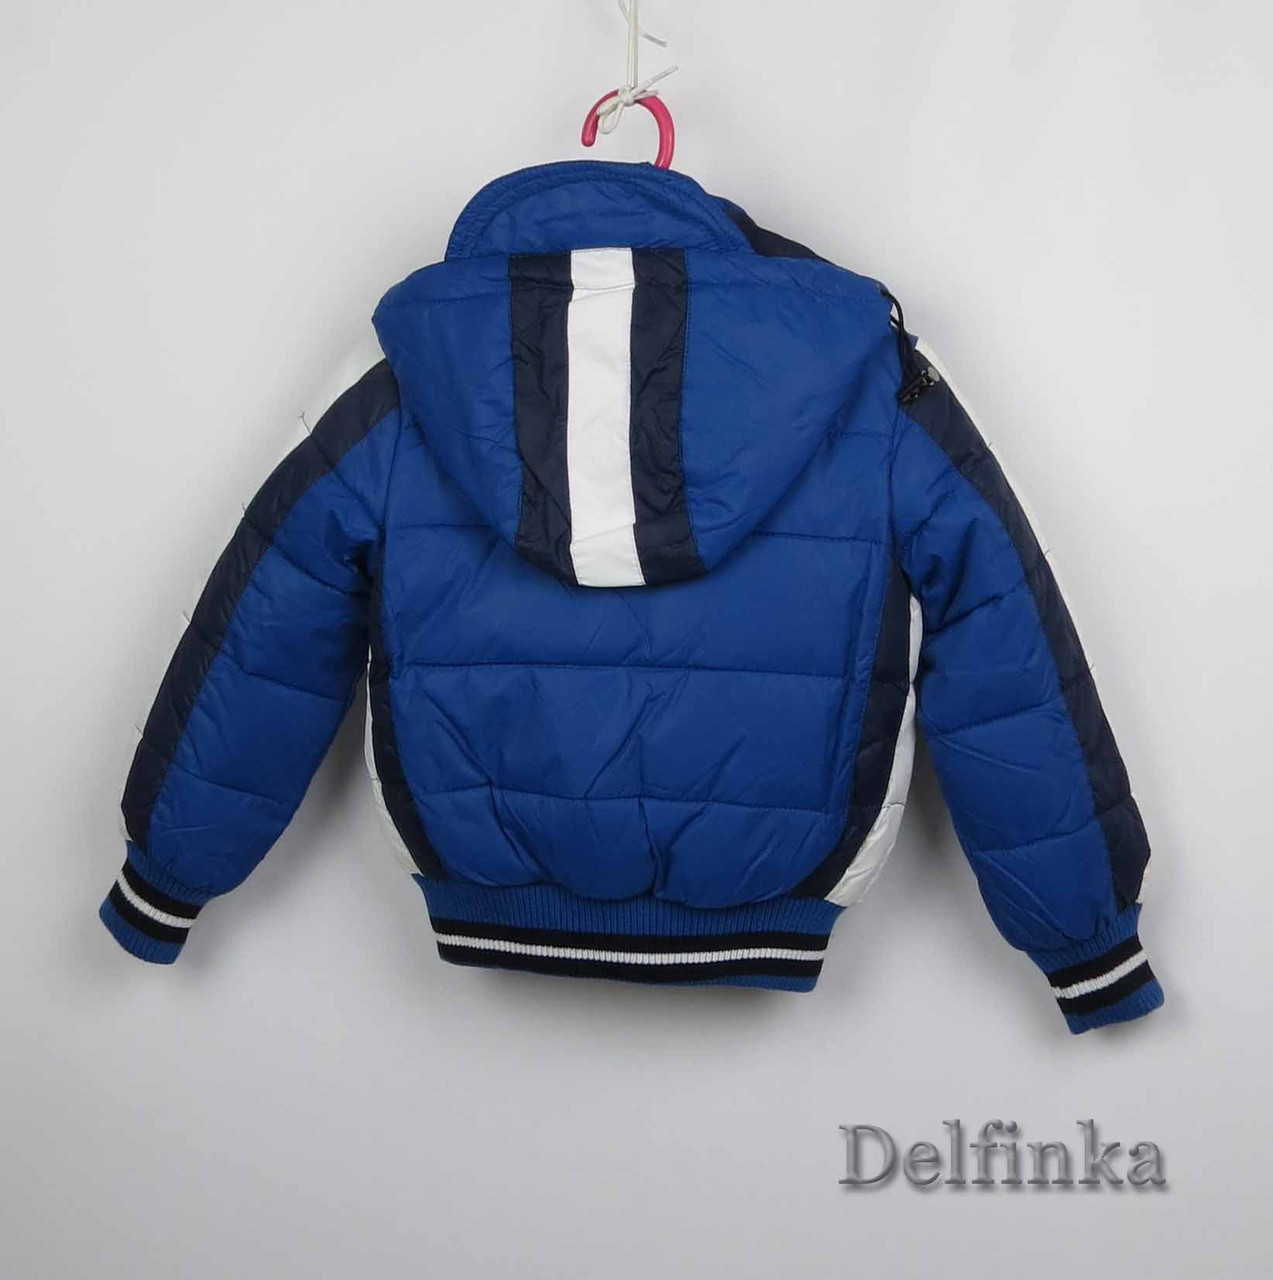 Куртка демисизонная теплая,код 7-38, размеры рост 92 см - 116 см, размеры 2 лет - 5 лет, фото 2